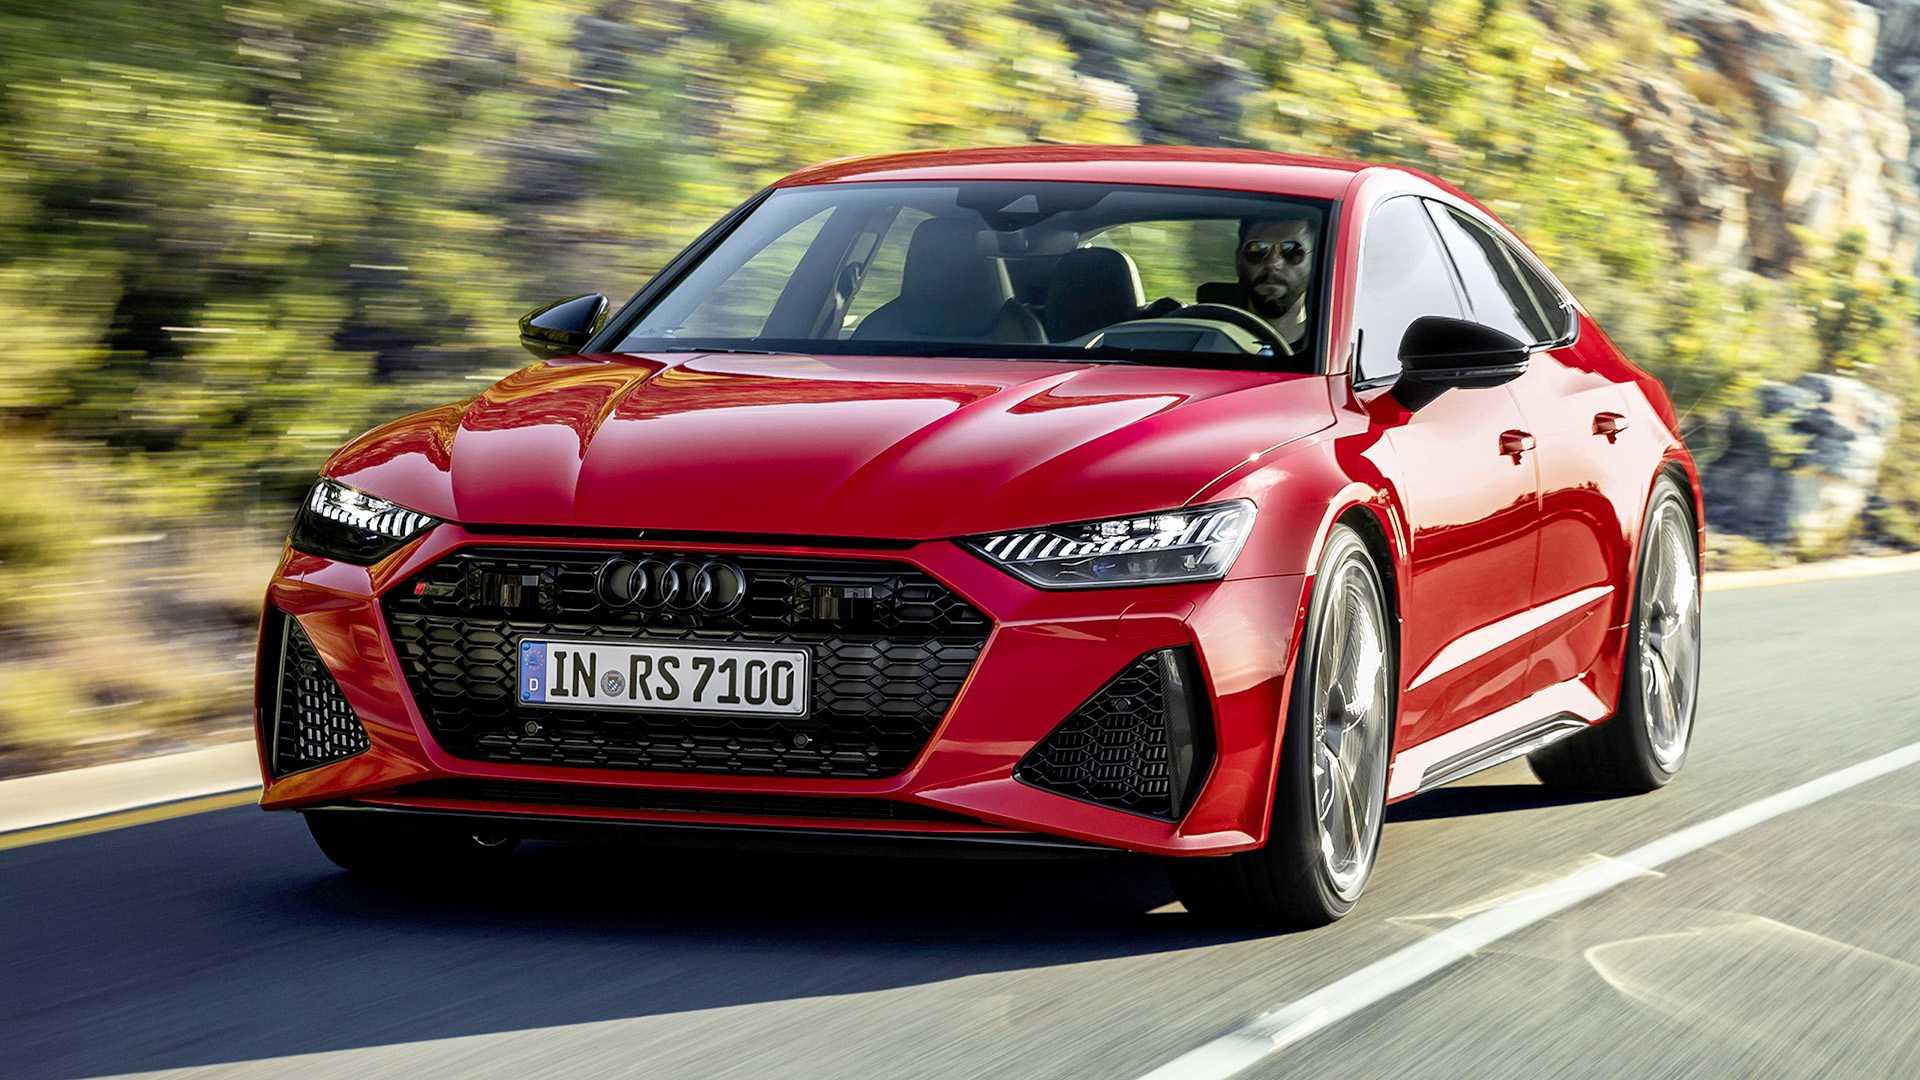 Ремек дело на Audi: RS7 е автомобил што никого не остава рамнодушен / ФОТО+ВИДЕО